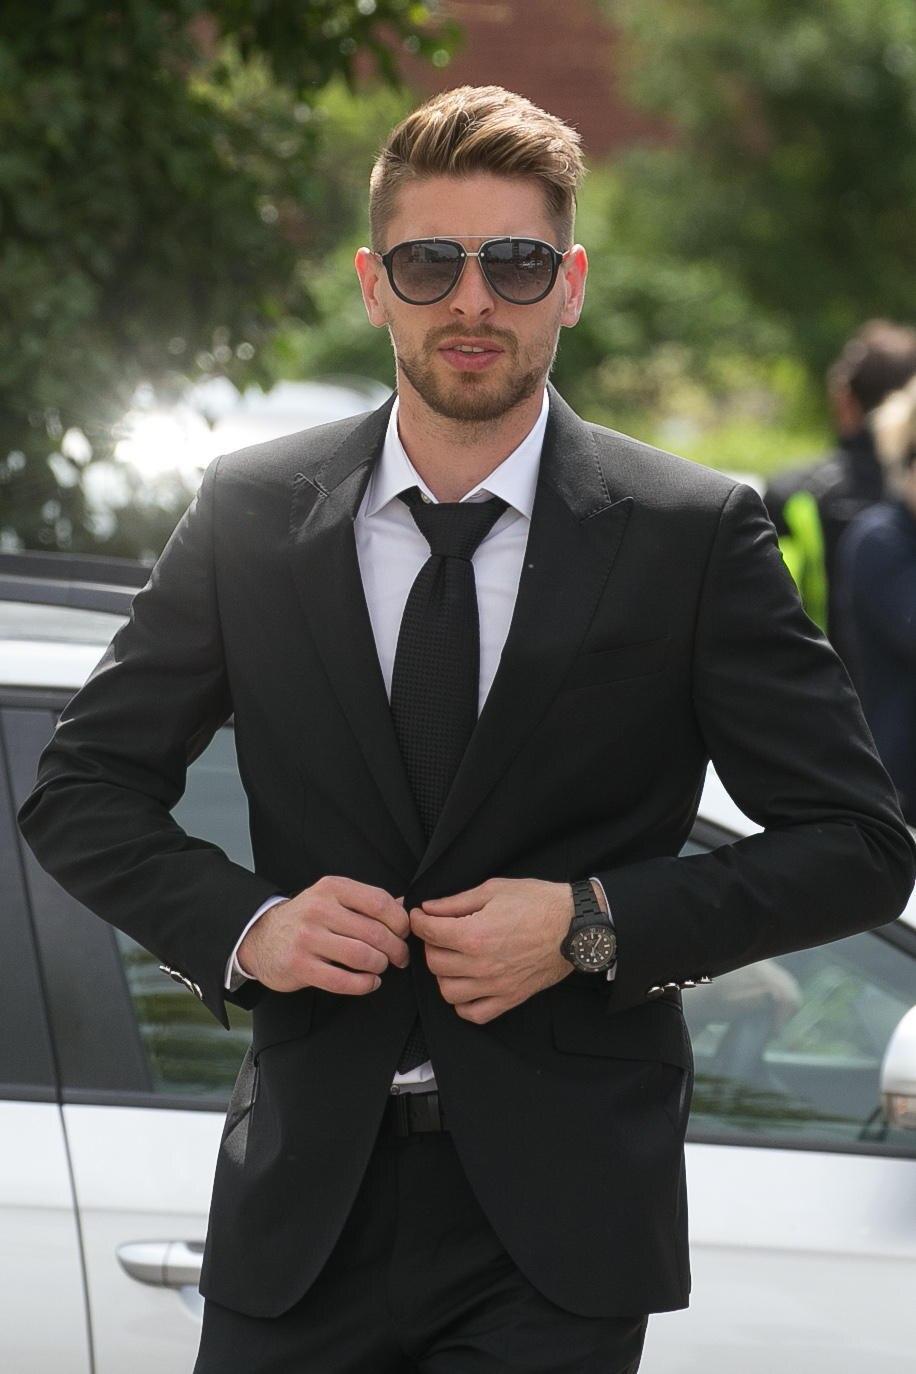 Ron Robert Zieler bei der Trauerfeier für NIklas Feierabend.